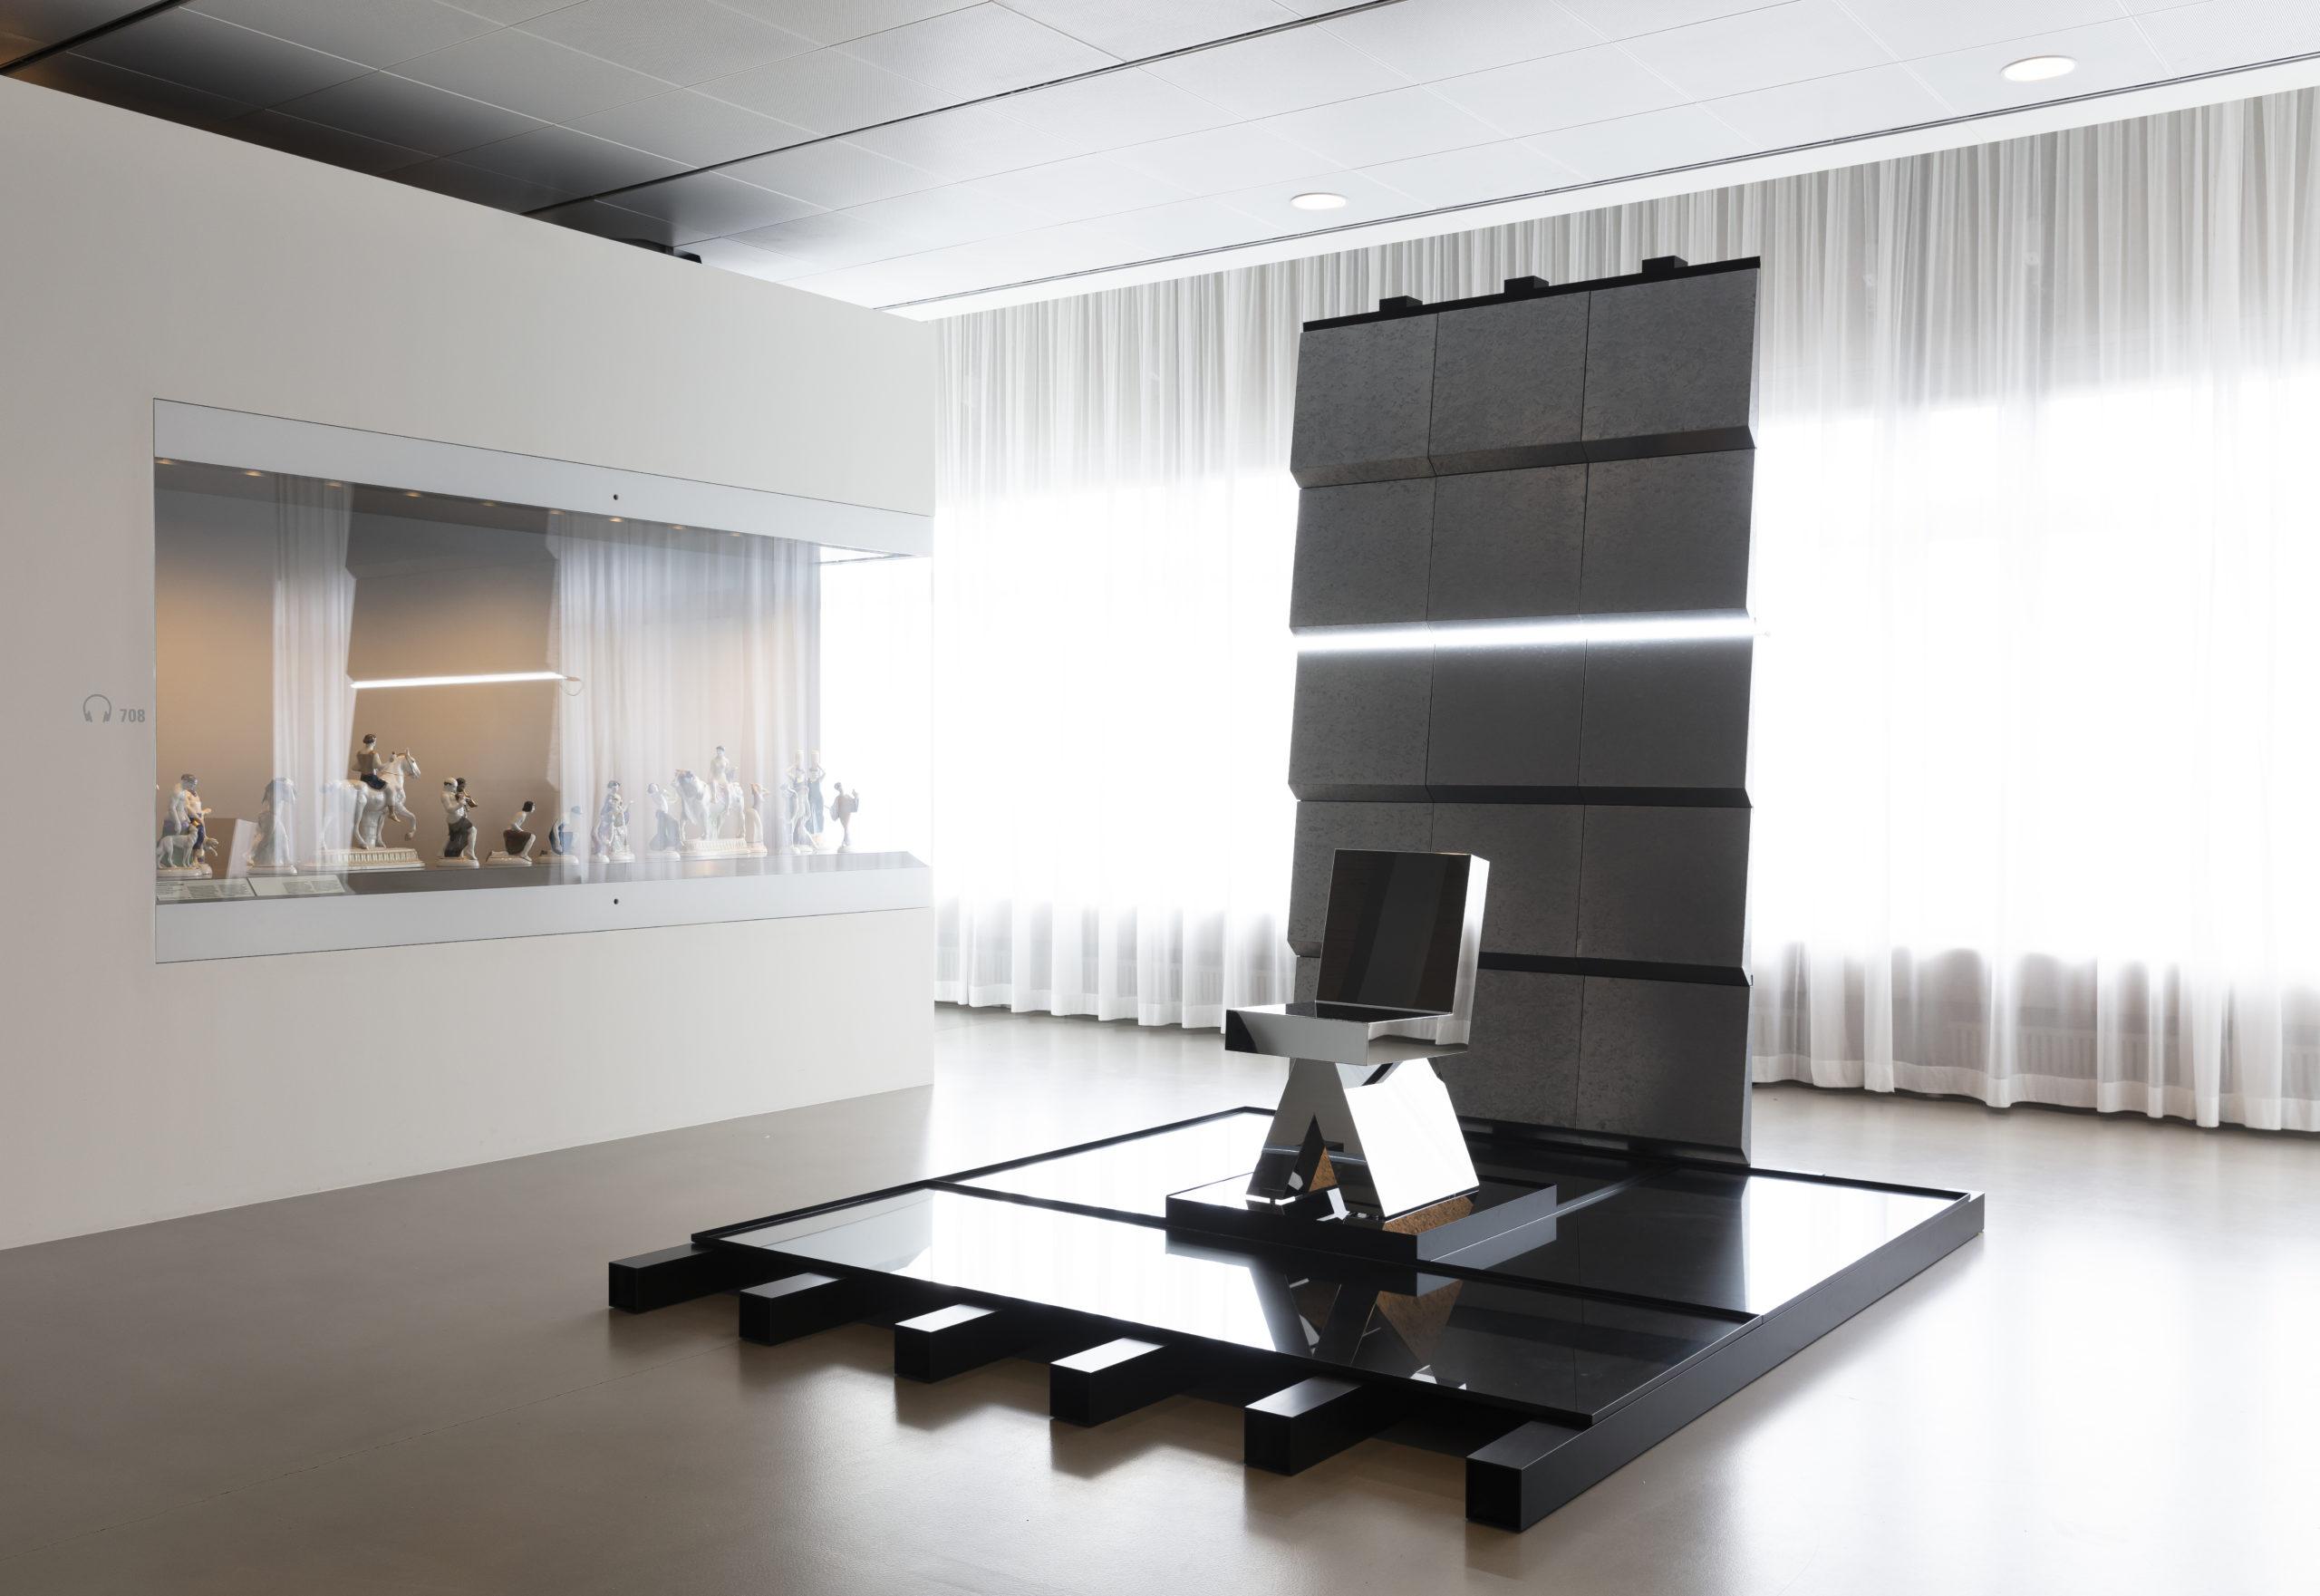 Ausstellungsansicht, Atmoism - Gestaltete Atmosphären, Kunstgewerbemuseum Berlin